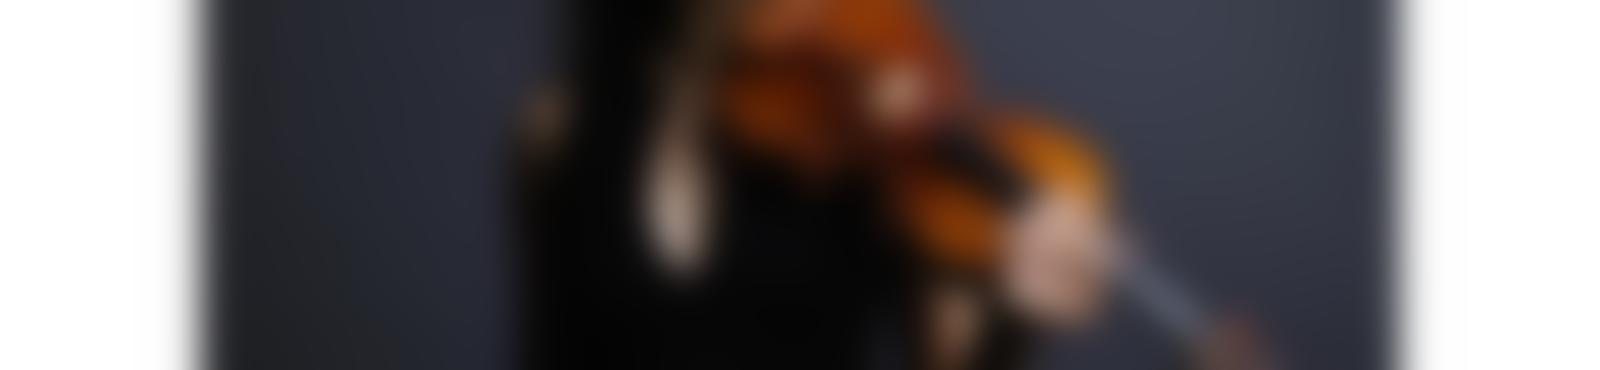 Blurred 4fa5de73 2b2e 40be 865f eff626ef5701